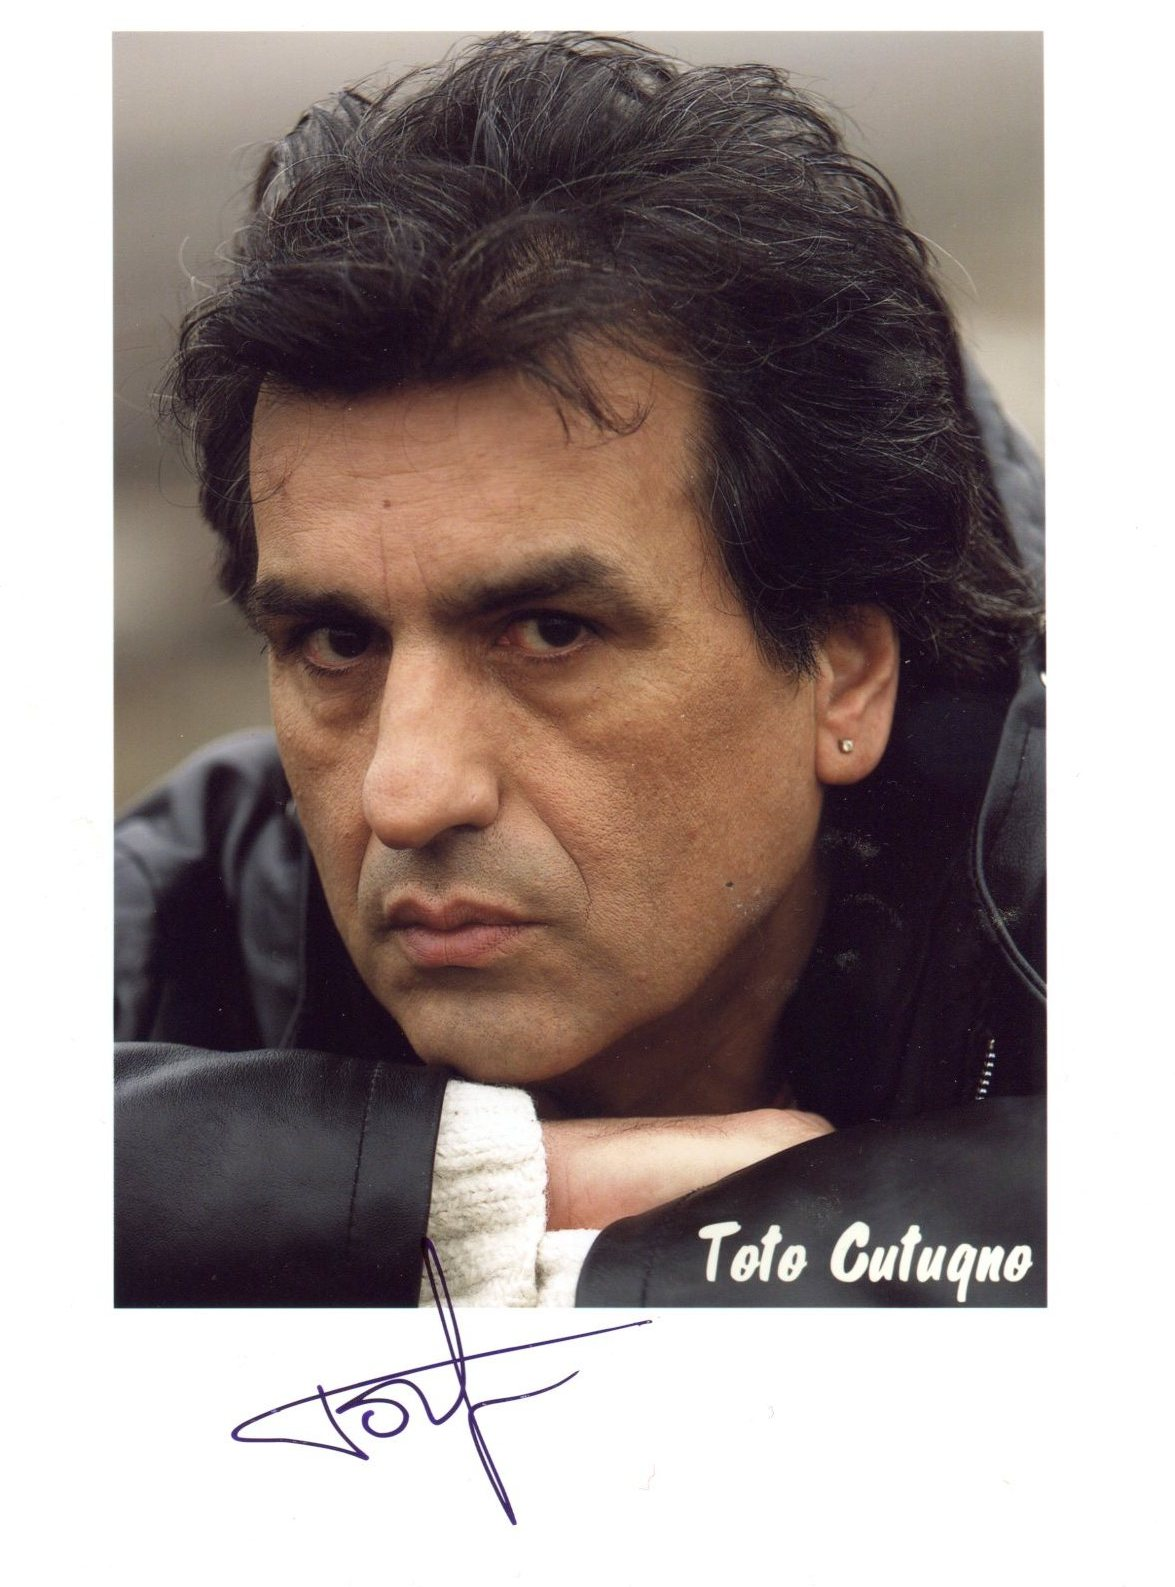 фото итальянских певцов 80-90 годов